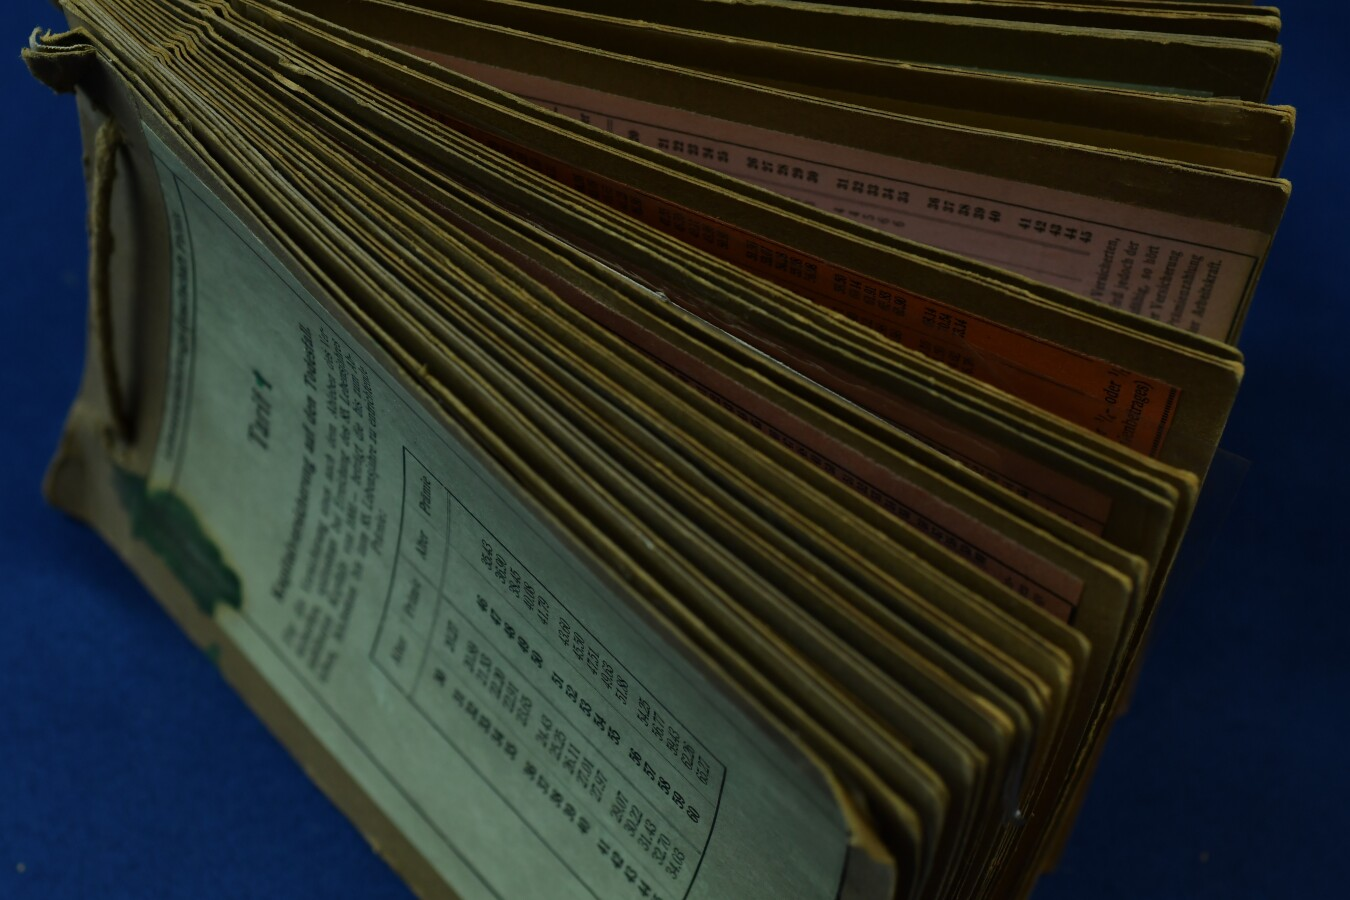 Застрахователен документ на немски език